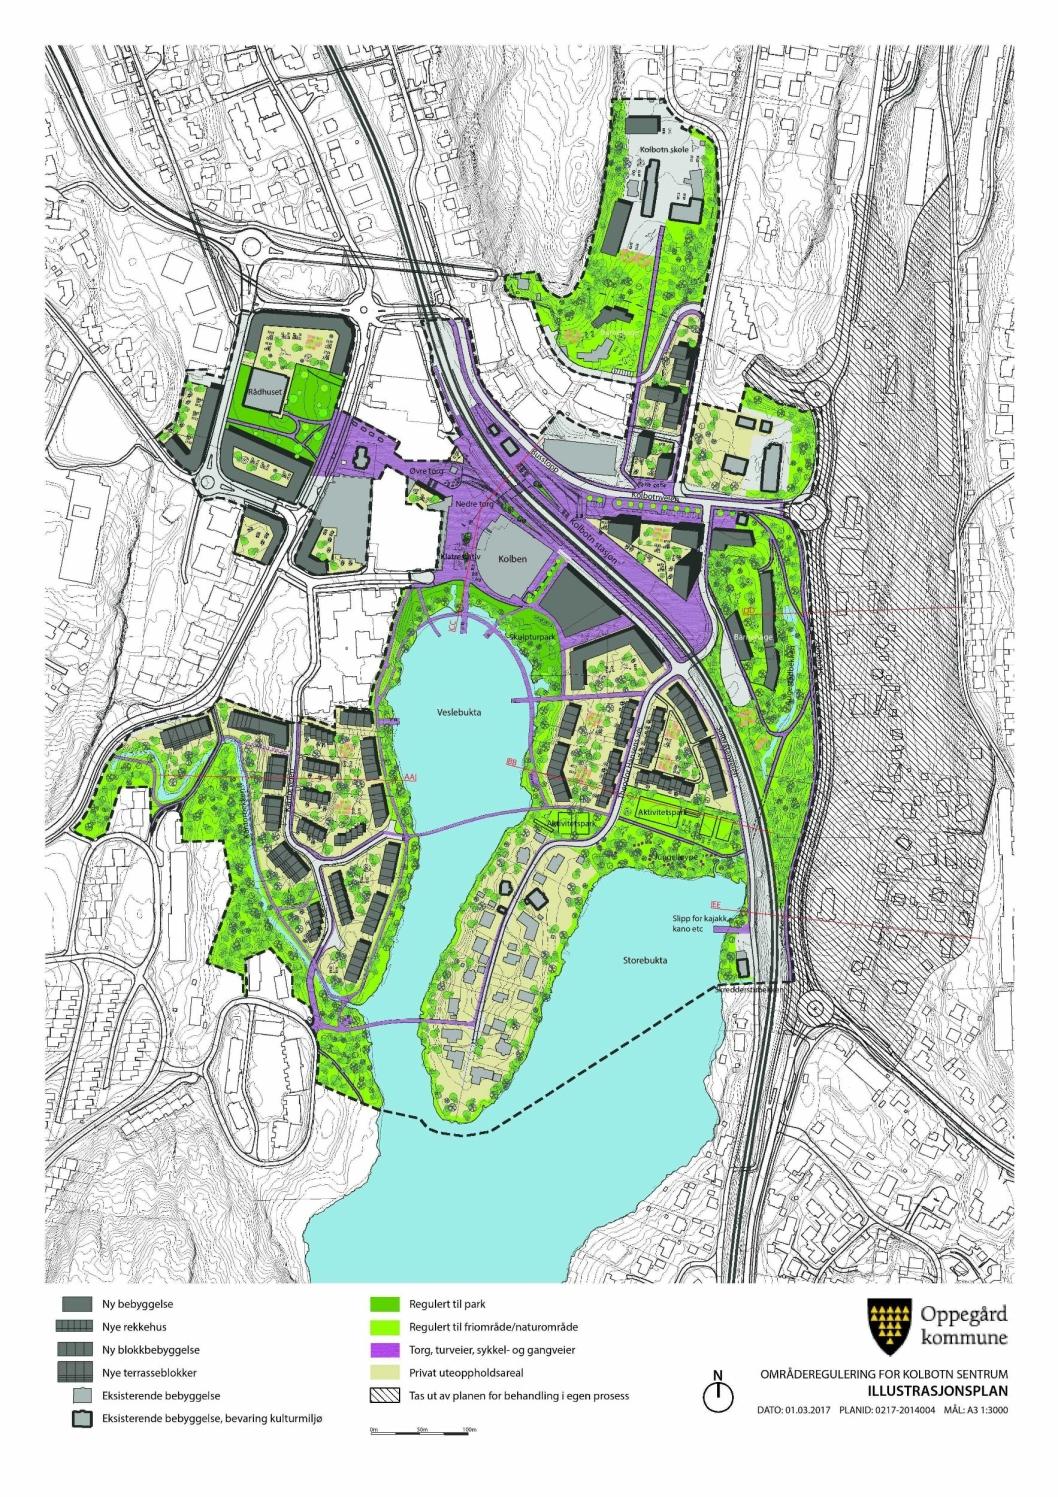 DETTE ER PLANEN: Bildet viser illustrasjonsplanen til områdereguleringen for Kolbotn sentrum, med ny bebyggelse, to broer og friområder/naturområder.